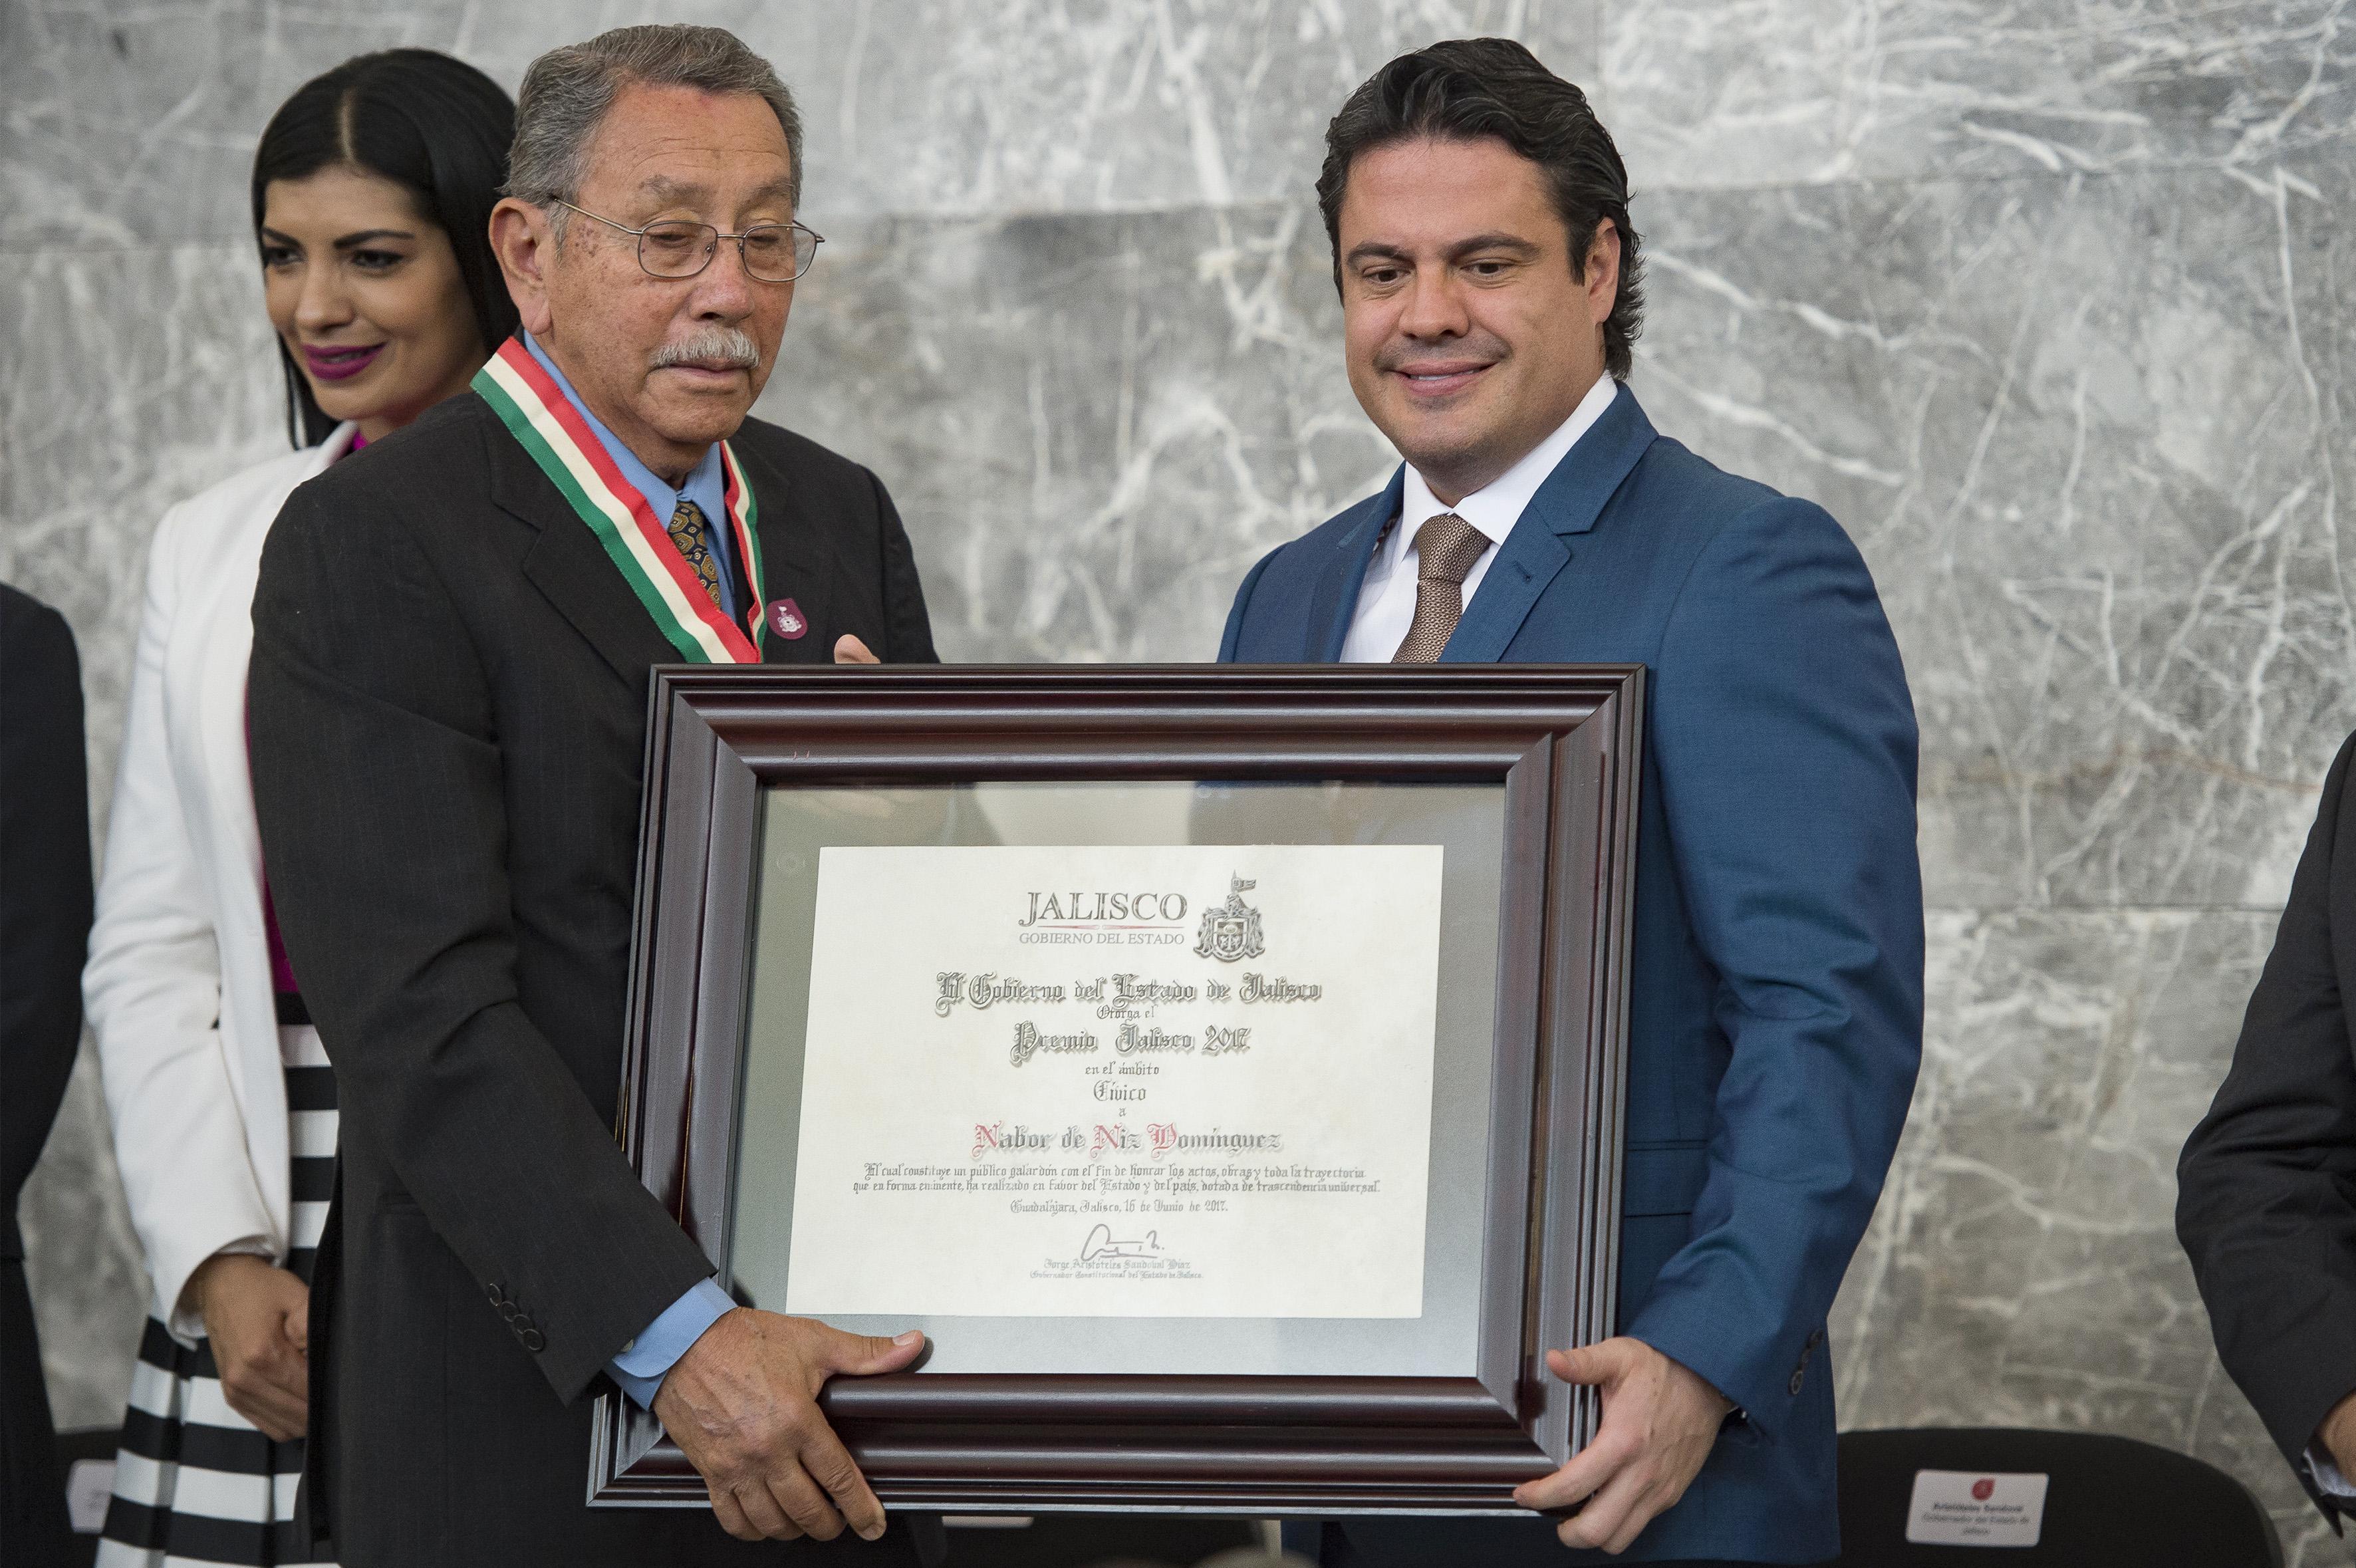 Gobernador de Jalisco, maestro Jorge Aristóteles Sandoval Díaz, haciendo entrega de reconocimiento al doctor Nabor de Niz Domínguez, cirujano y activista social de la región Costa Sur de Jalisco